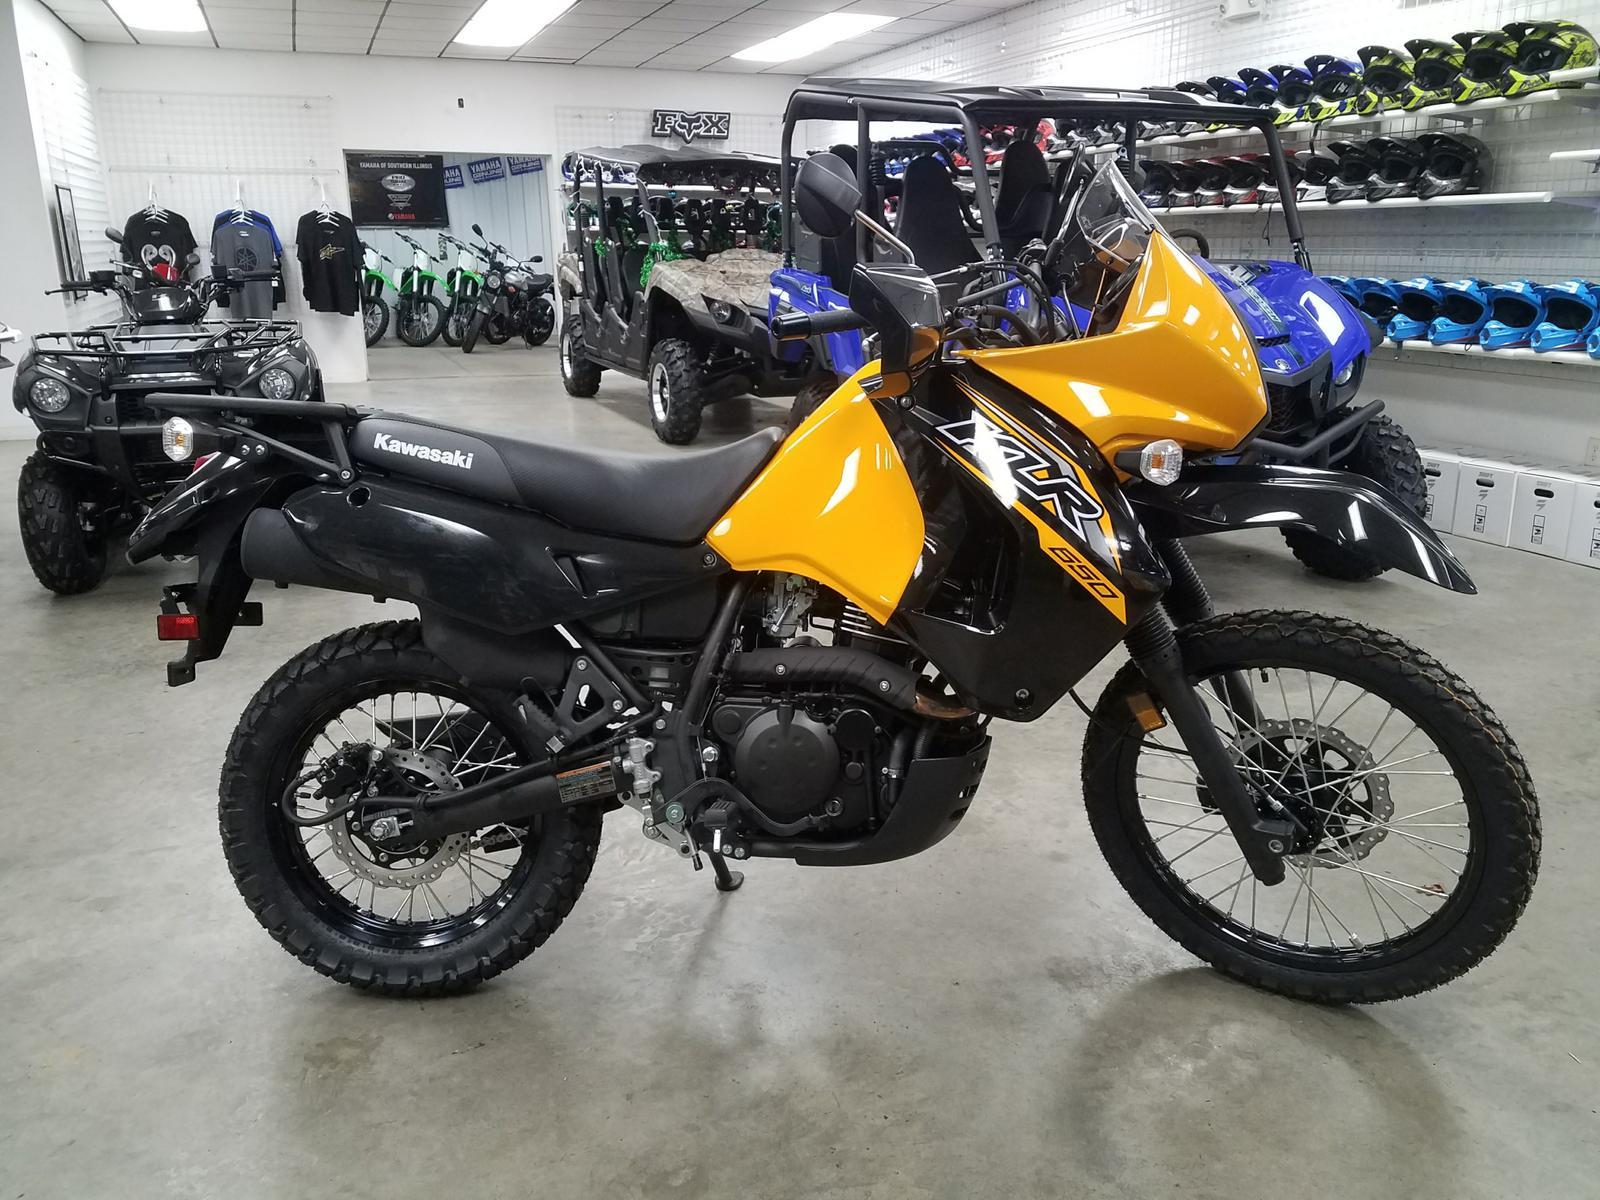 2018 Kawasaki KLR650 Yellow